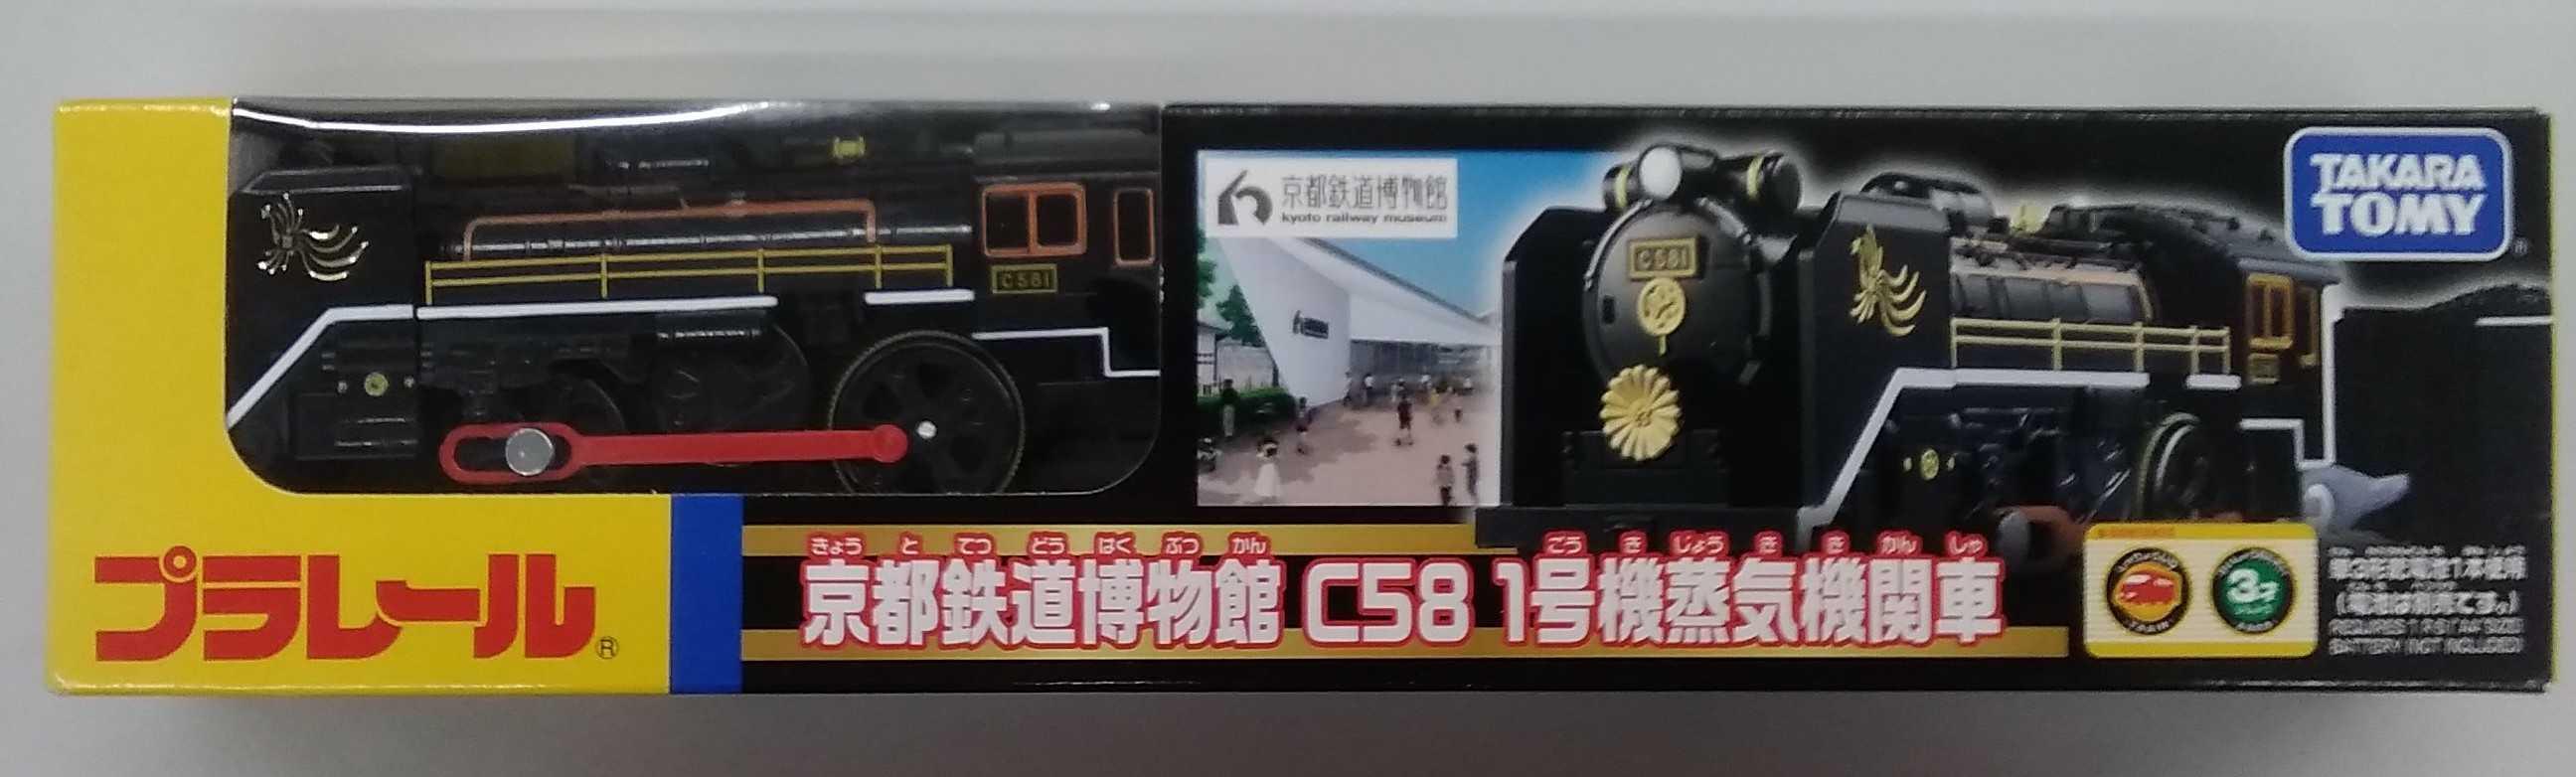 京都鉄道博物館 C58 1号機蒸気機関車 プラレール|TAKARA TOMY